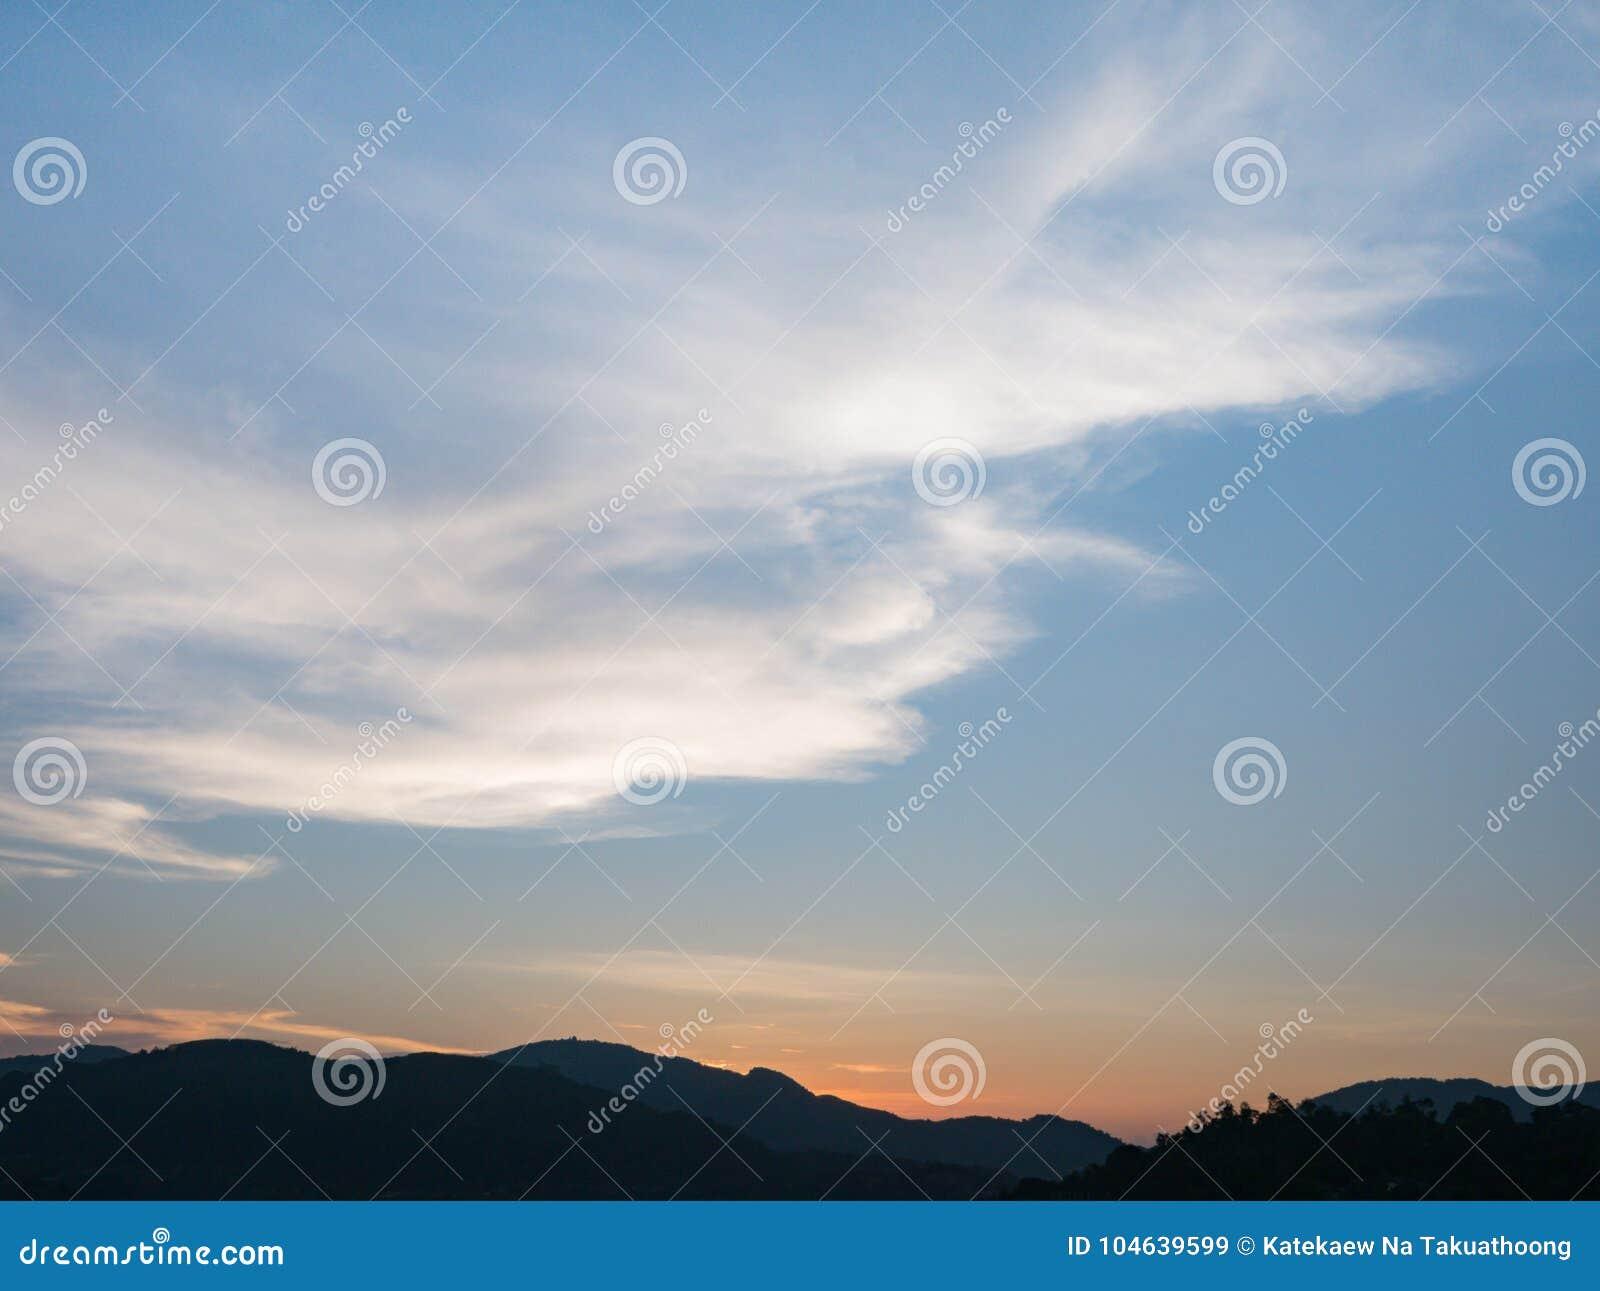 Download Mooie Blauwe Hemel Met Bewolkte Berg Als Achtergrond En Silhouet Stock Afbeelding - Afbeelding bestaande uit helder, azuurblauw: 104639599